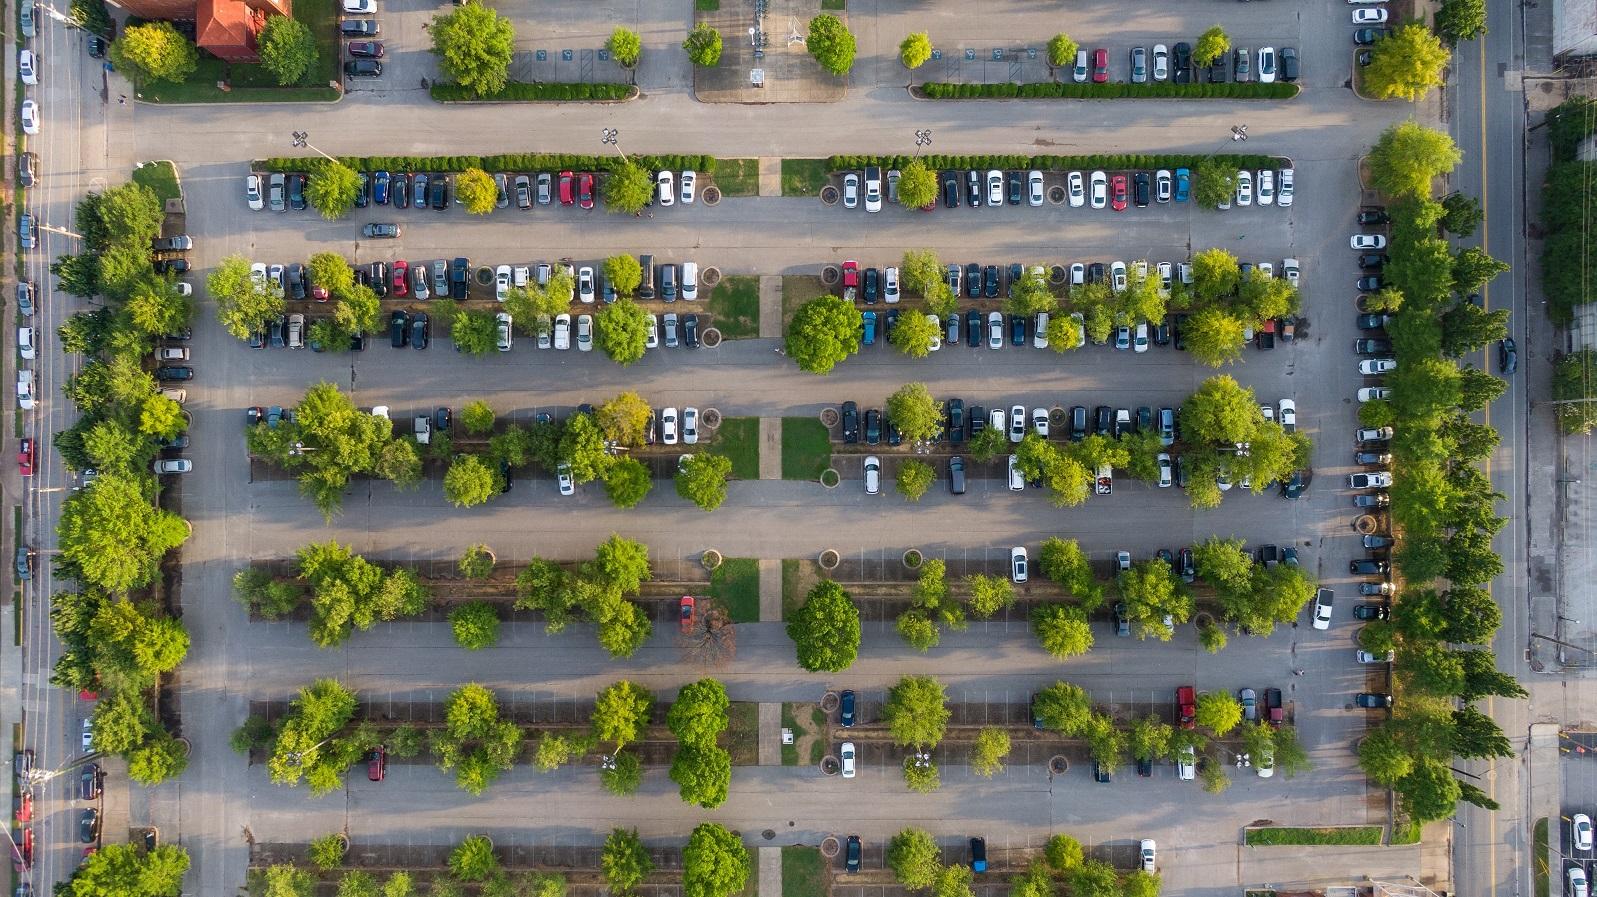 Nuo gegužės 1-osios įsigalioja pokyčiai įregistruojant ir parduodant automobilius